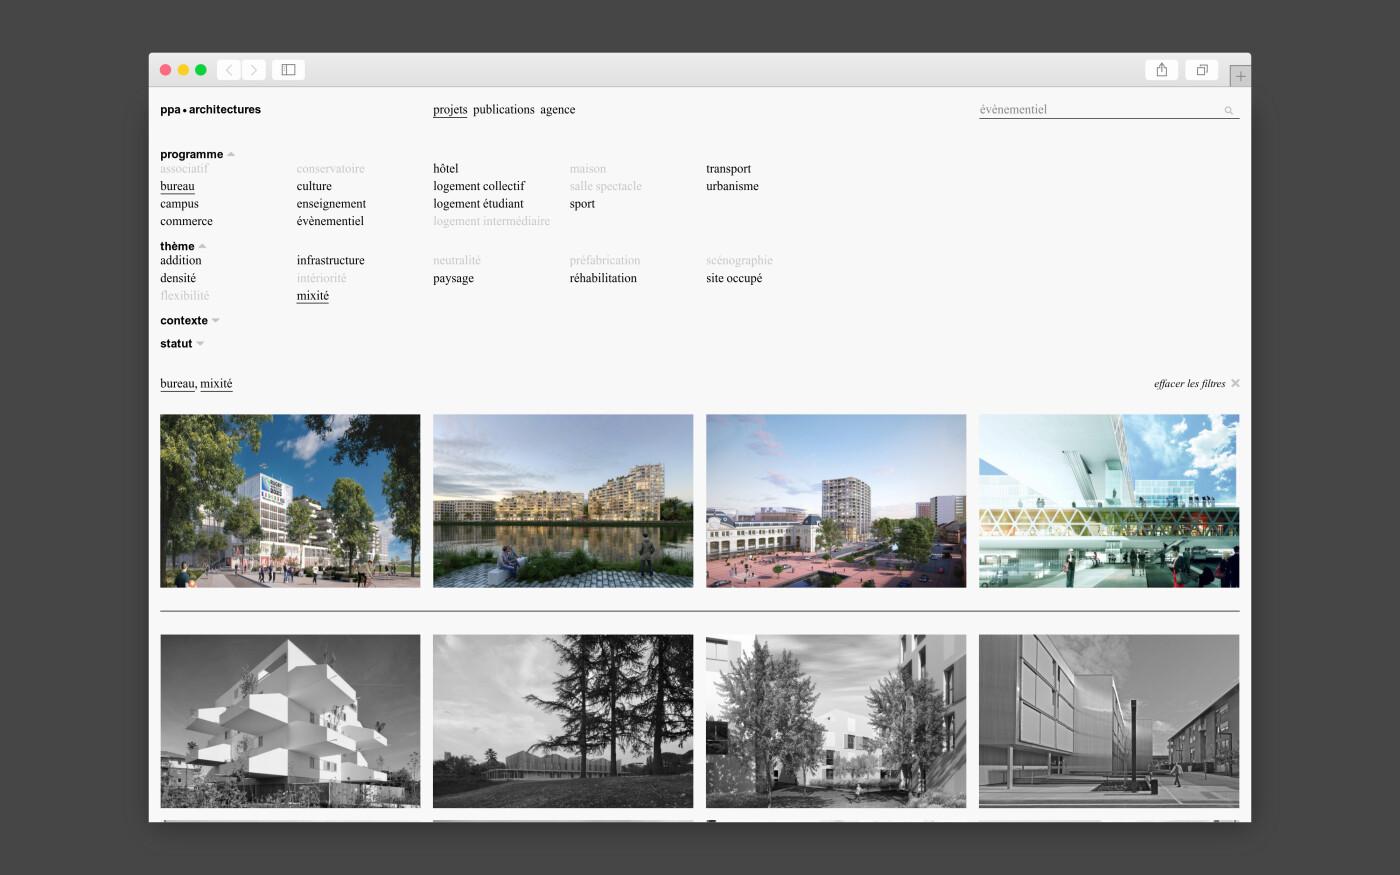 Site internet de ppa • Architectures